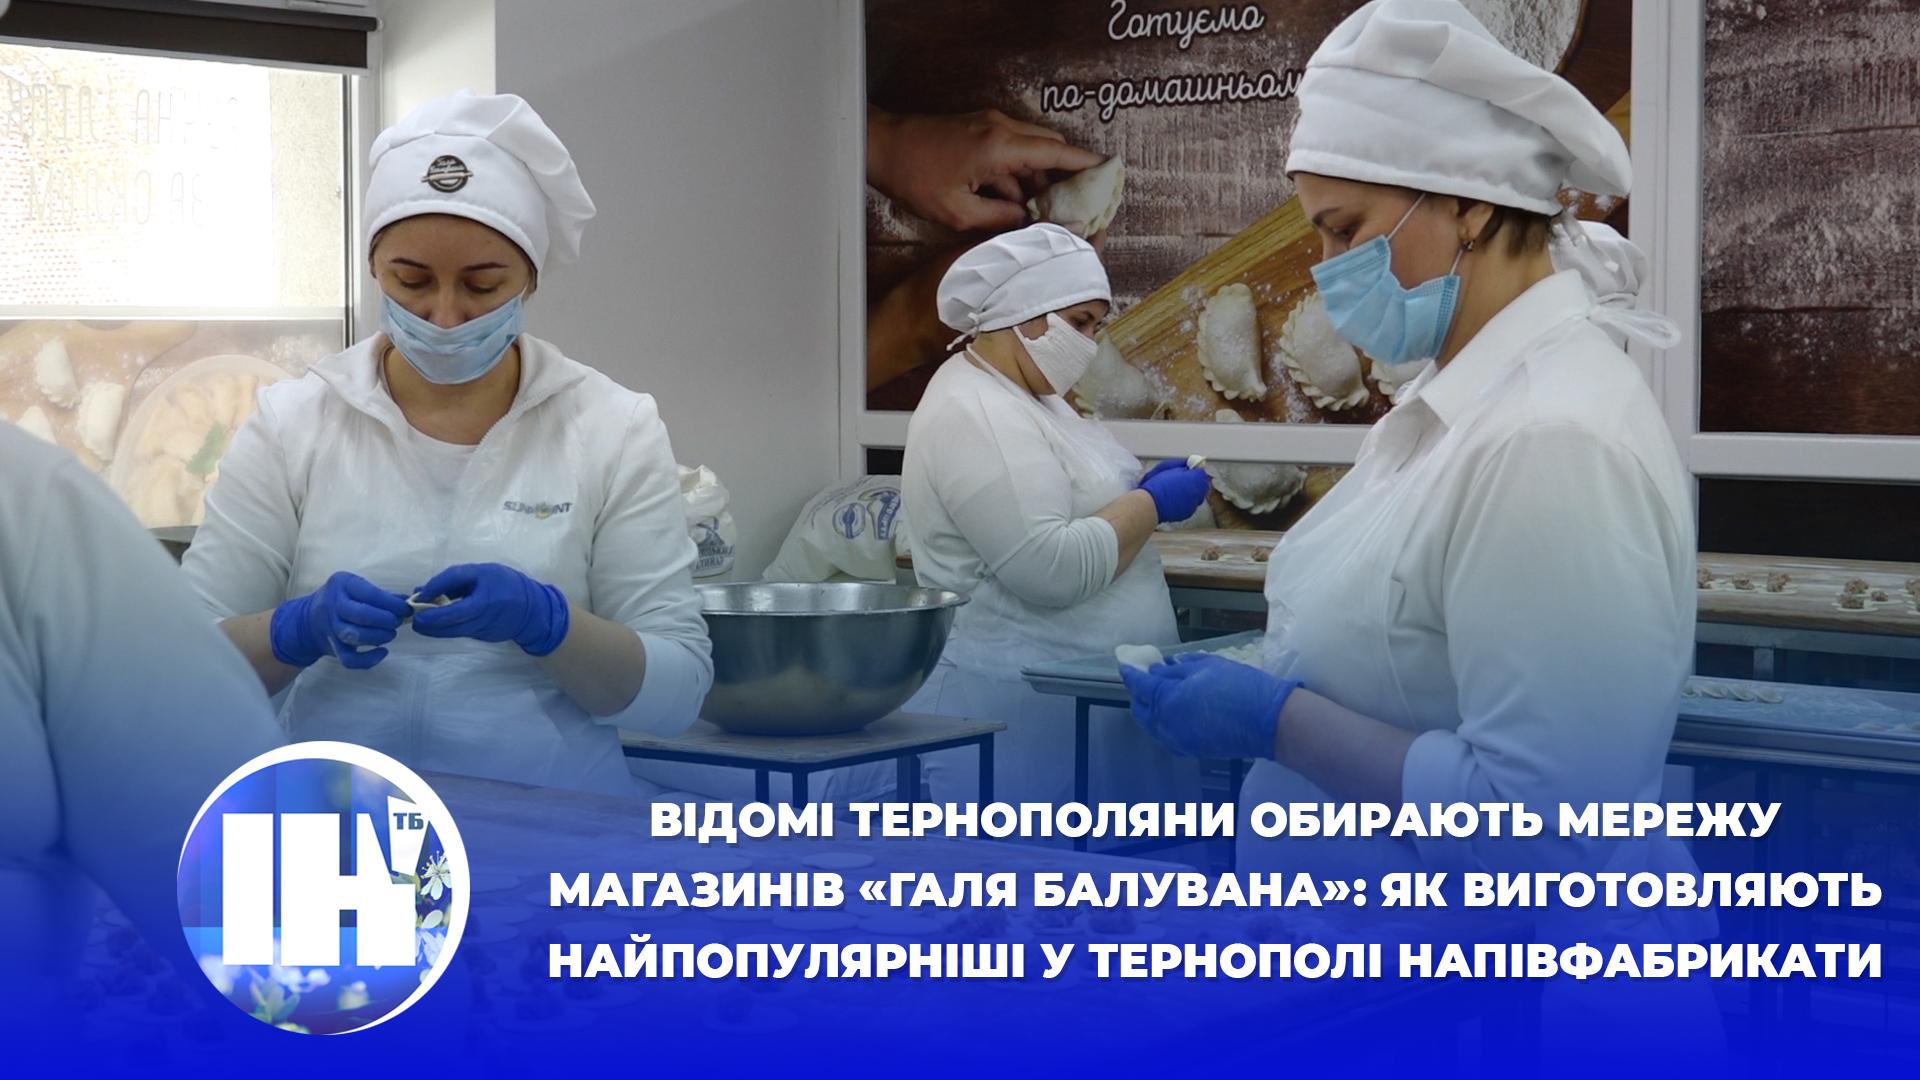 Відомі тернополяни обирають мережу магазинів «Галя Балувана»: як виготовляють найпопулярніші у Тернополі напівфабрикати